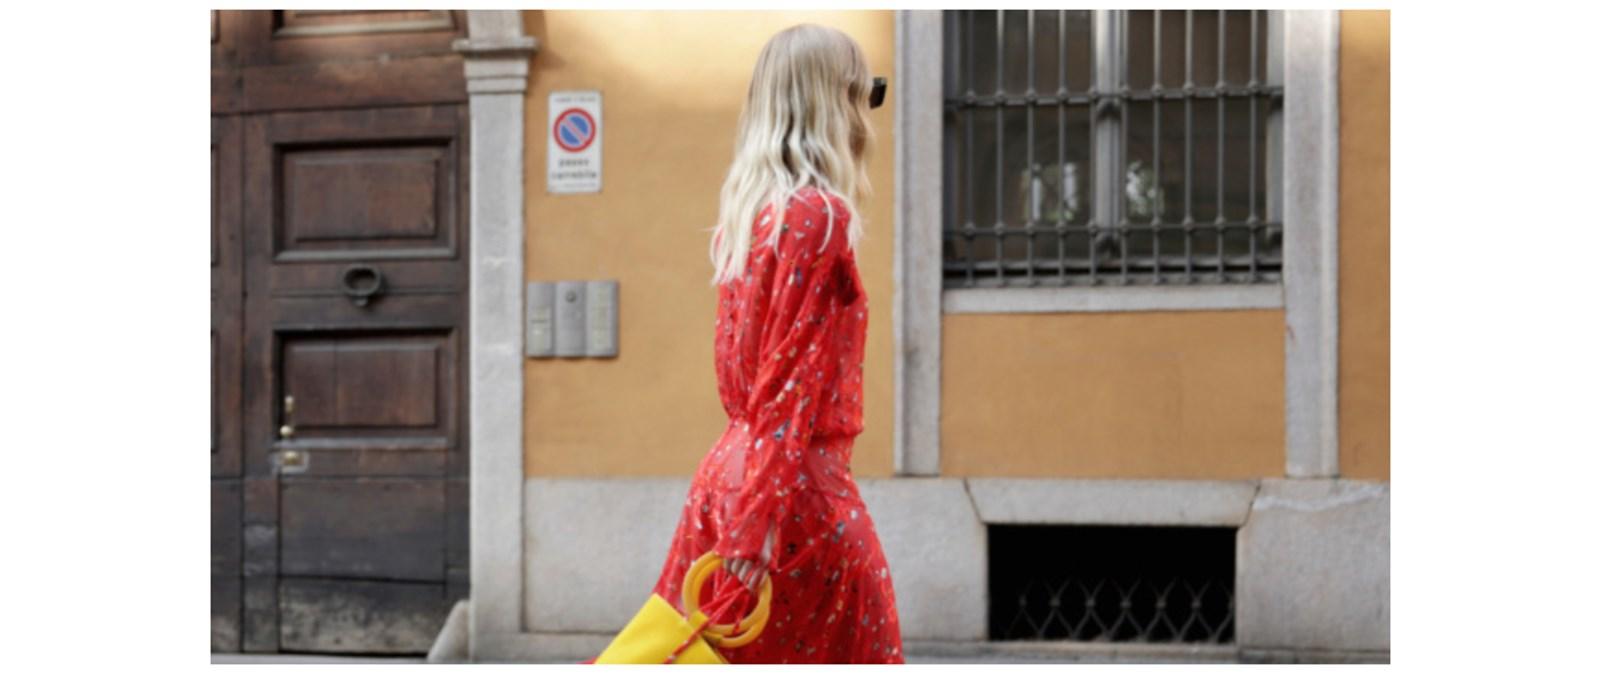 Το κόκκινο παραμένει ένα από τα αγαπημένα μας χρώματα αυτό το καλοκαίρι –  δες πώς θα το φορέσεις! 711bf9f2f63